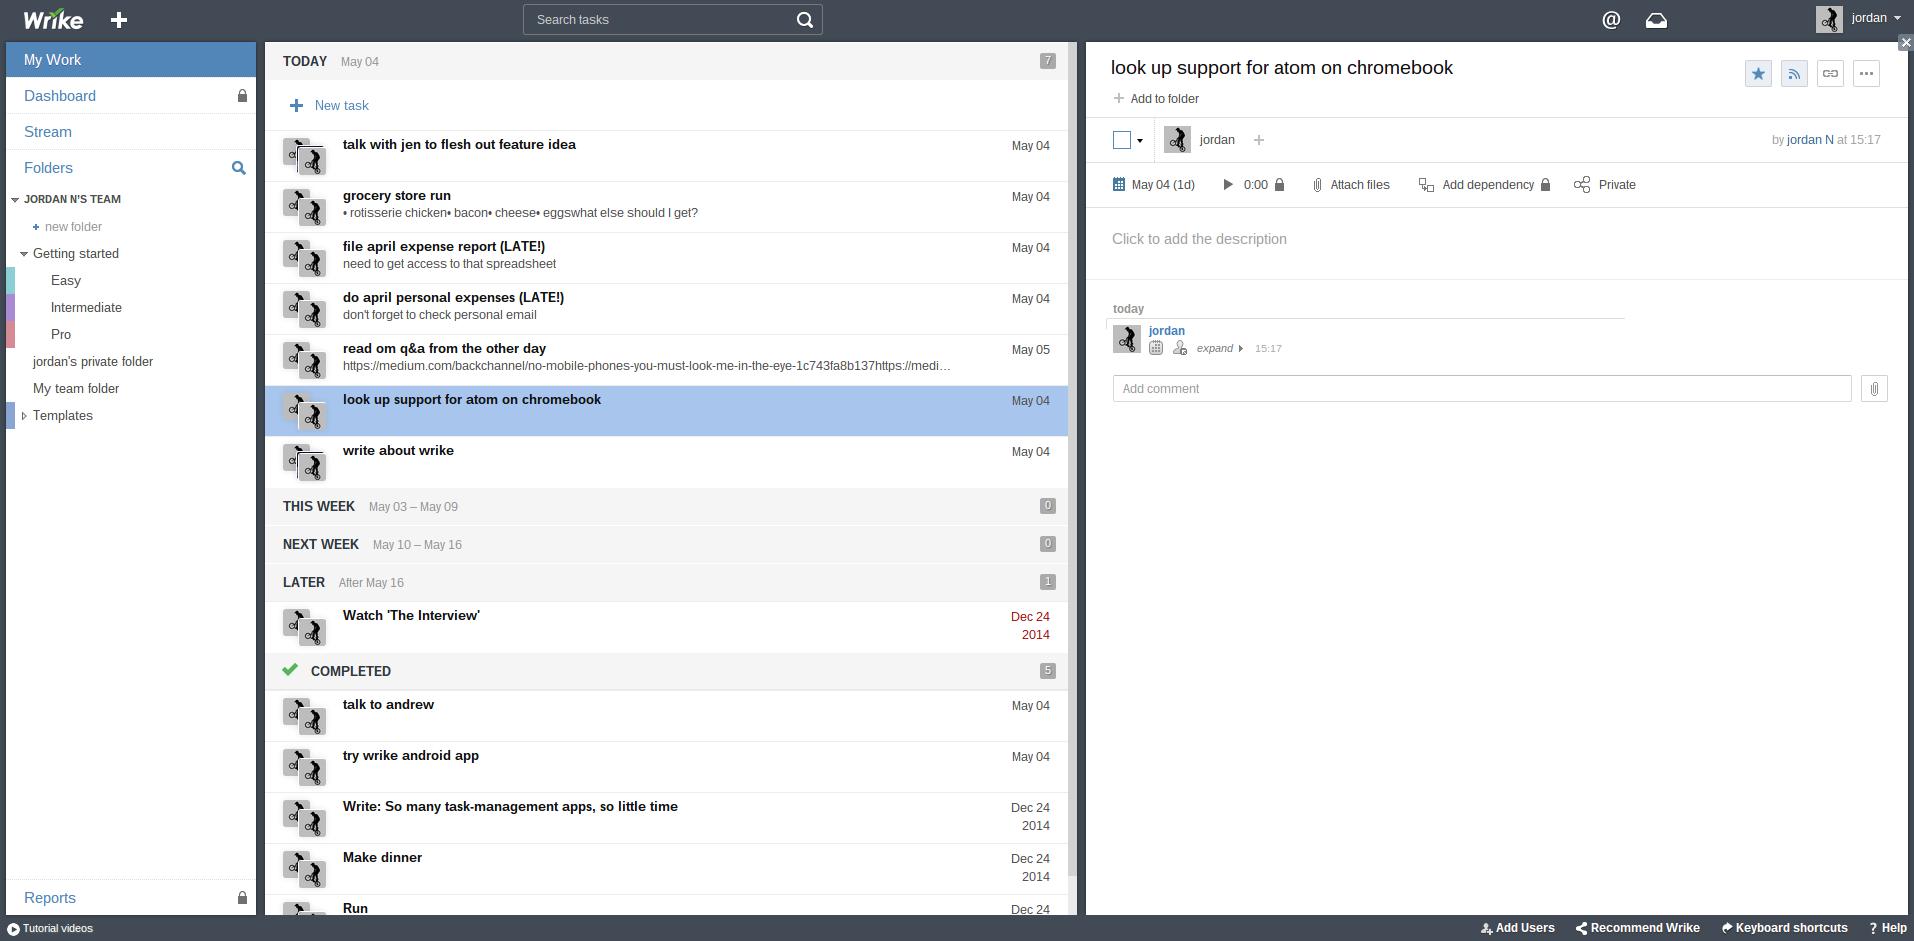 Wrike's desktop user interface as of May 2015.